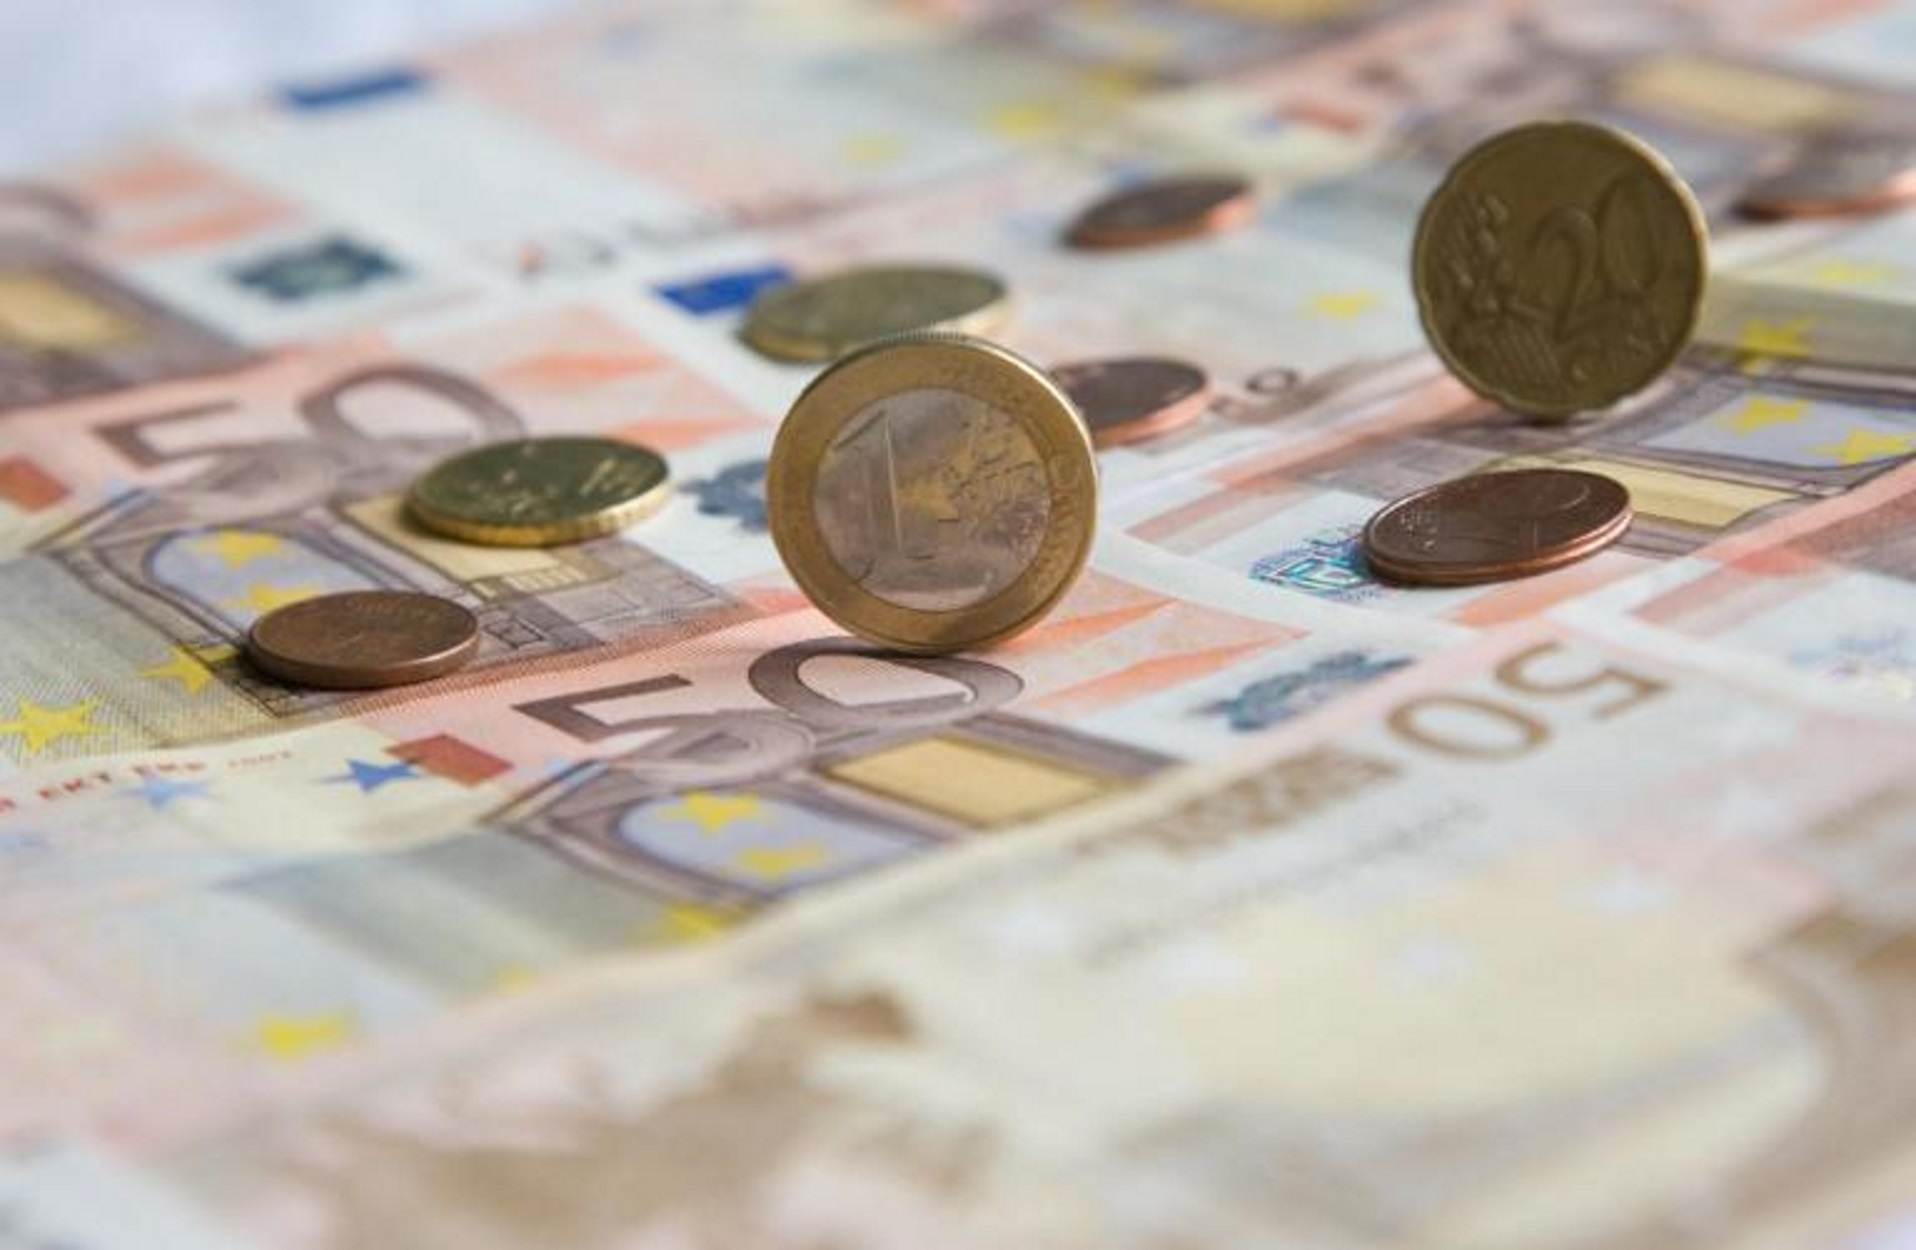 """120 δόσεις: """"Μπήκαν"""" στην ρύθμιση οφειλές πάνω από 4 δισ. ευρώ"""